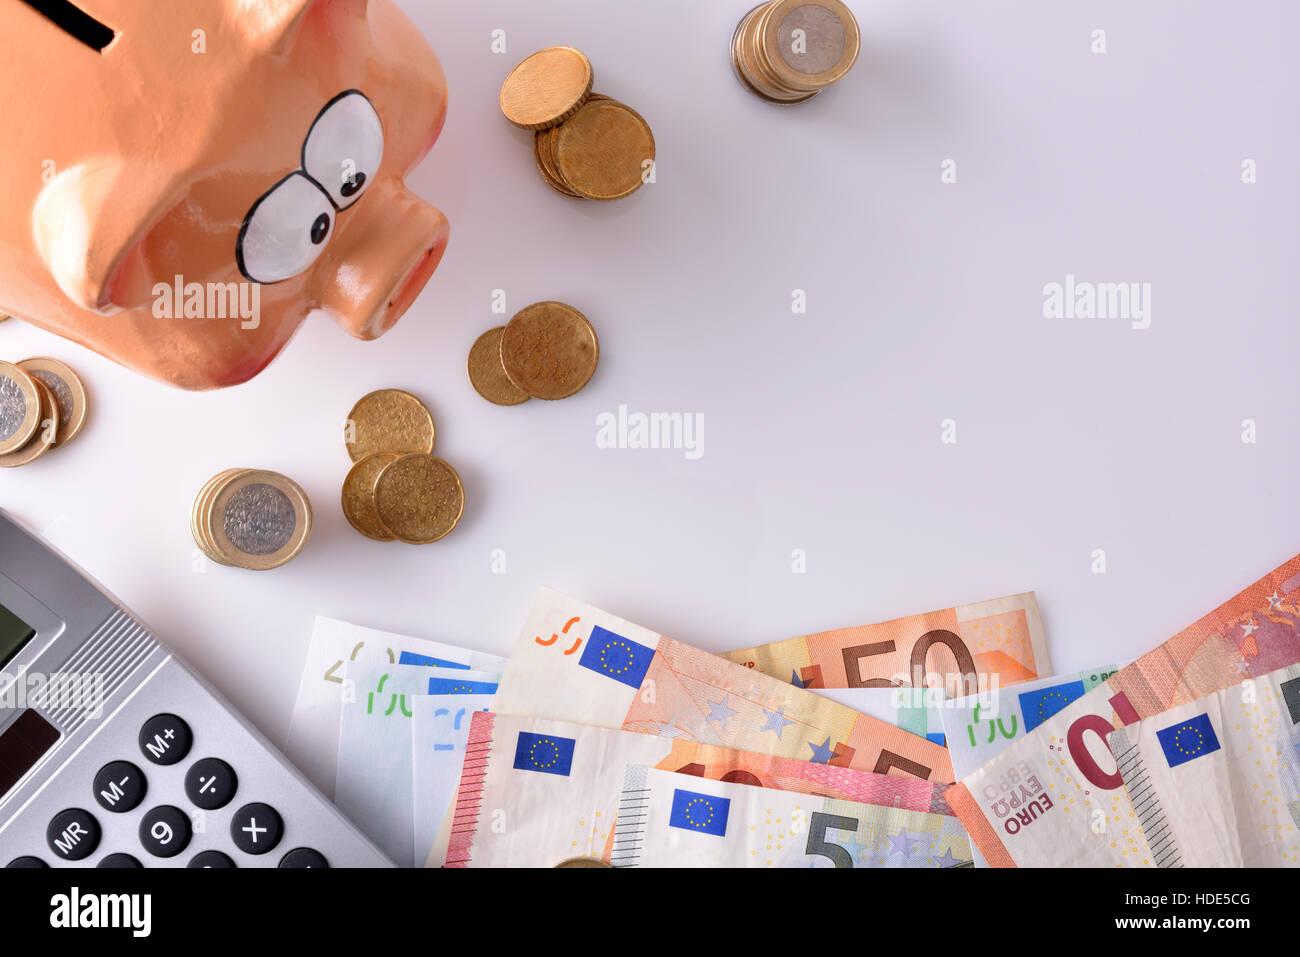 Konzept-Einsparungen und Buchhaltung mit Sparschwein und gestapelten Münzen und Rechnungen und Rechner auf Stockbild